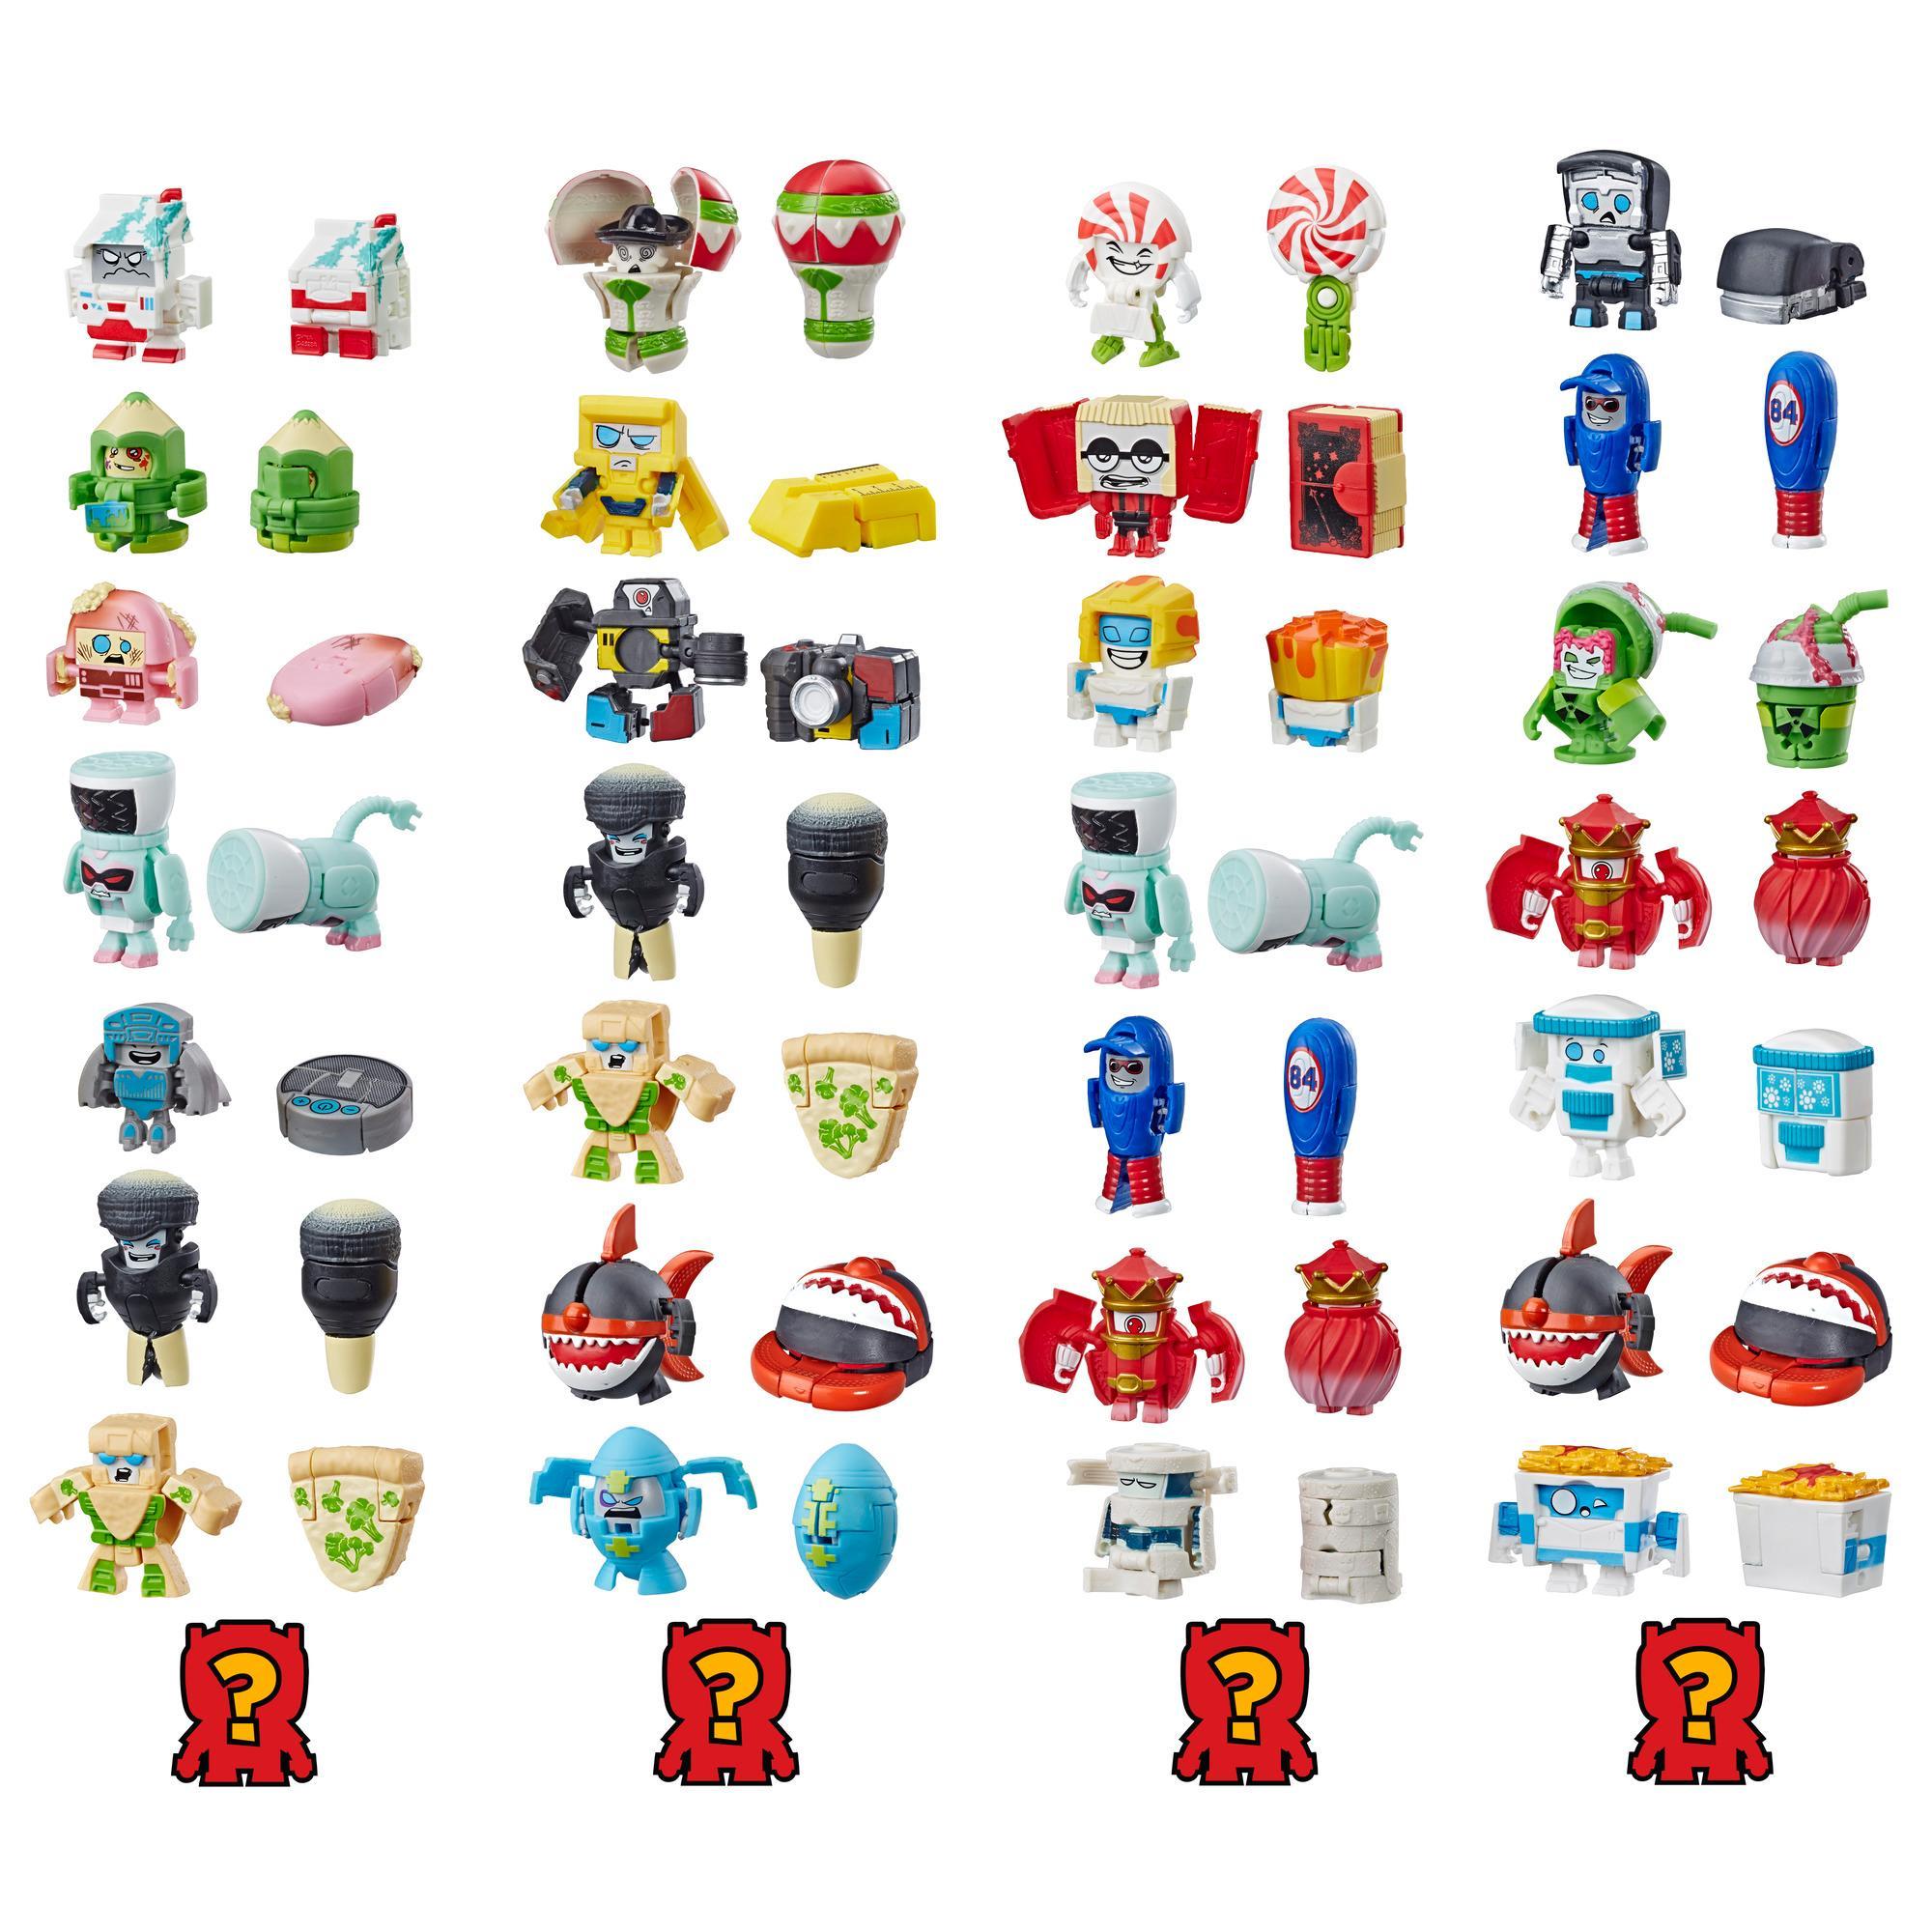 Jouet Transformers BotBots série 2 Ensemble de 8 des Coquets fringants - Figurines mystères 2 en 1 à collectionner! Enfants de 5 ans et plus (le style et les couleurs peuvent varier) de Hasbro